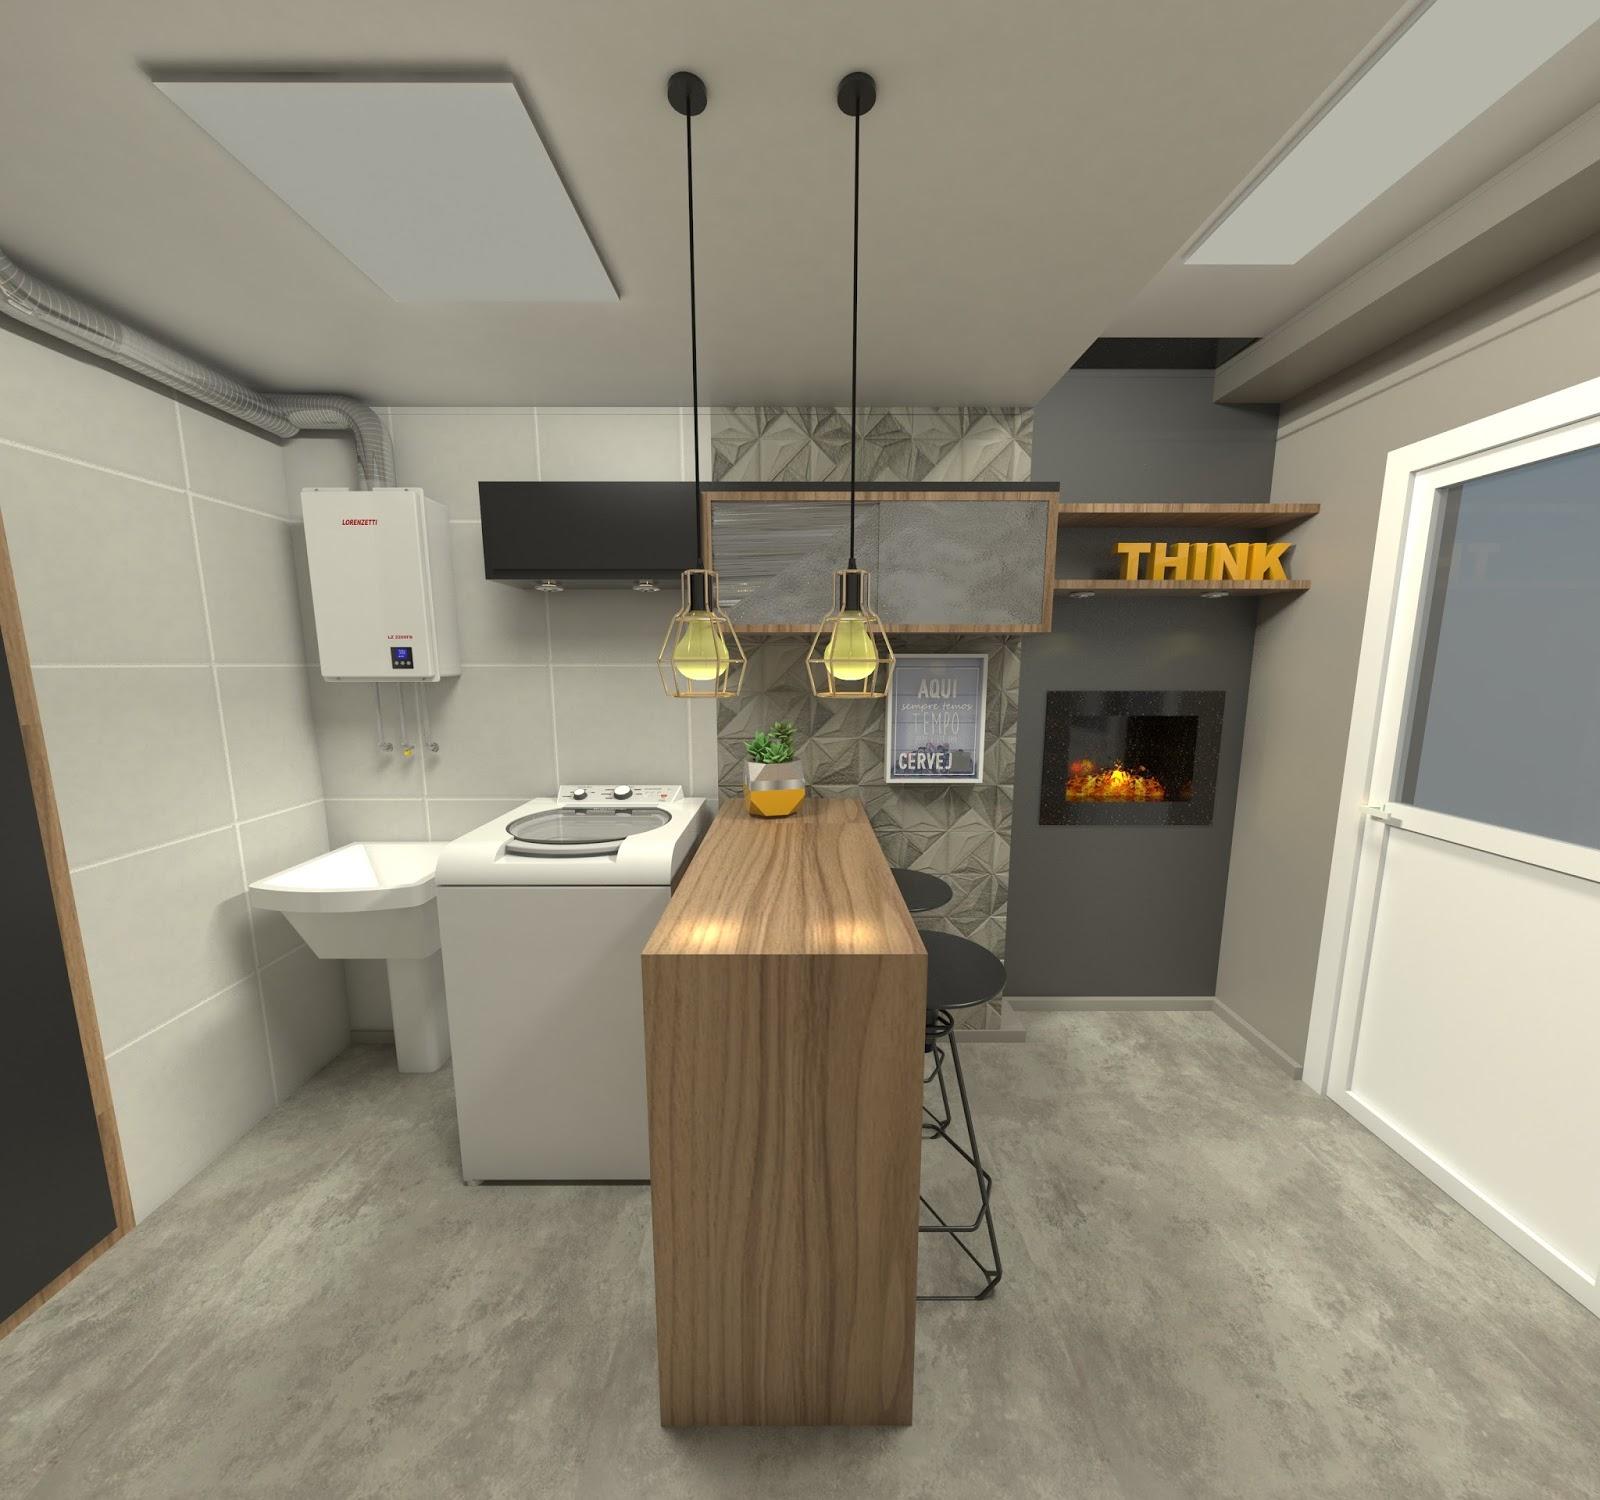 Divisria Entre Cozinha E Lavanderia With Divisria Entre Cozinha E